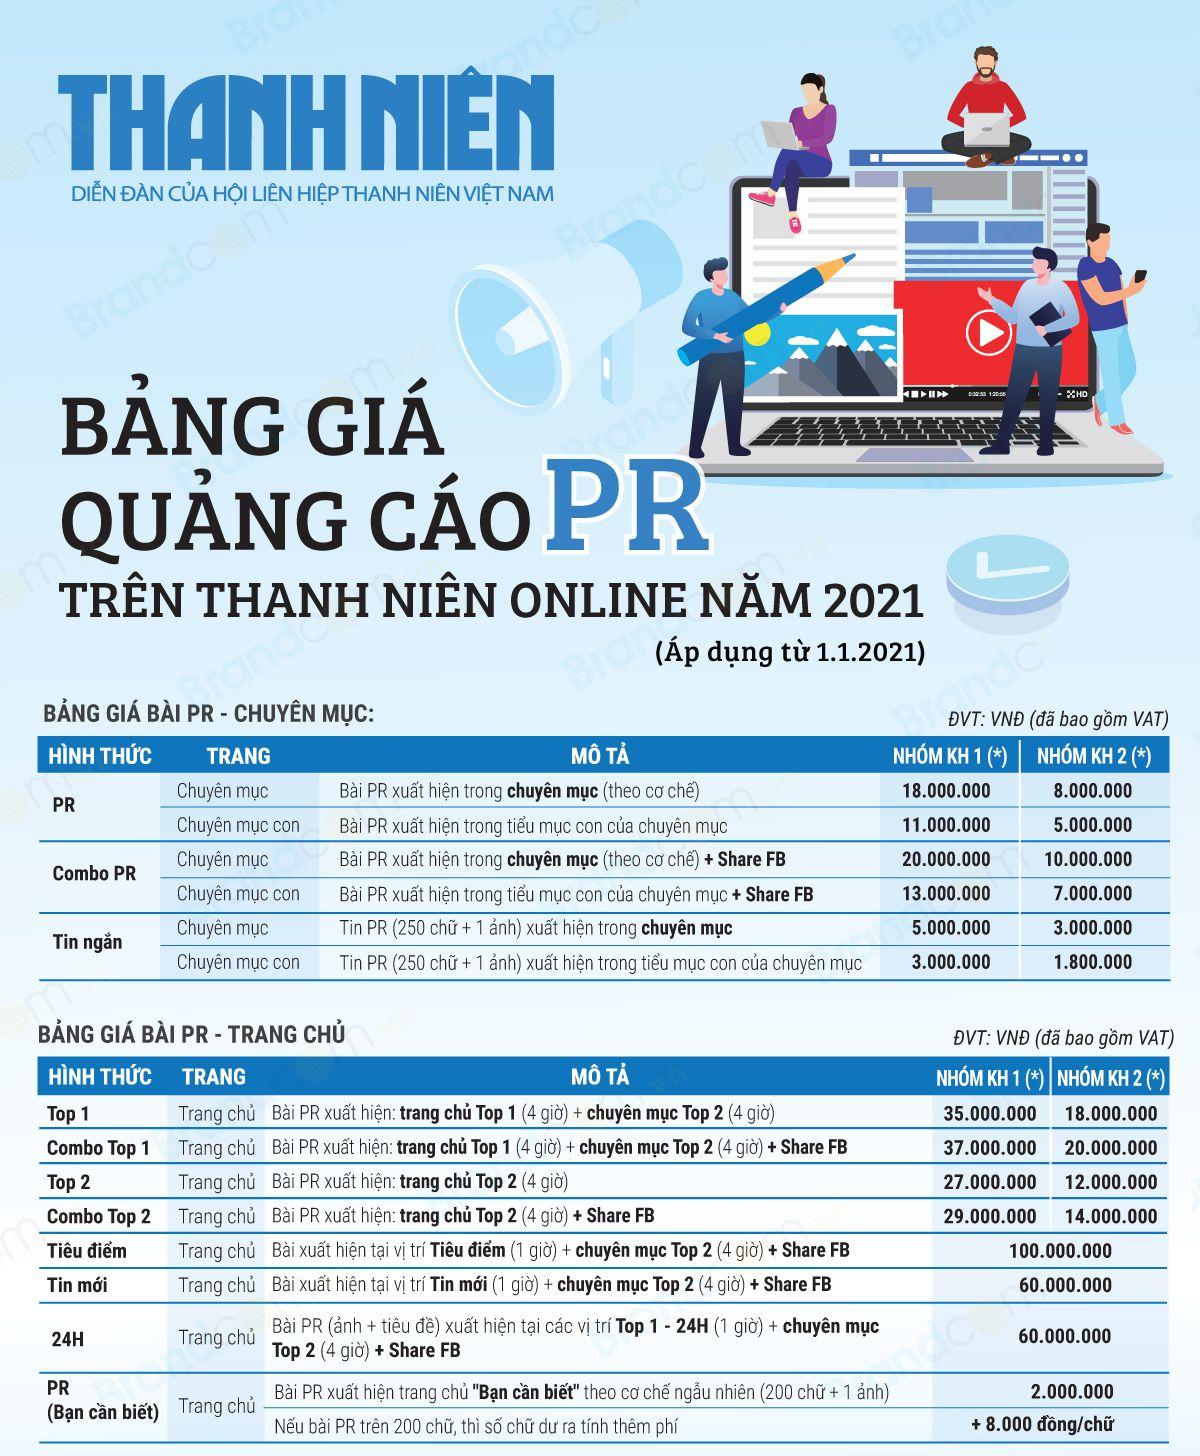 Bảng giá quảng cáo Bài PR báo Thanh niên online 2021